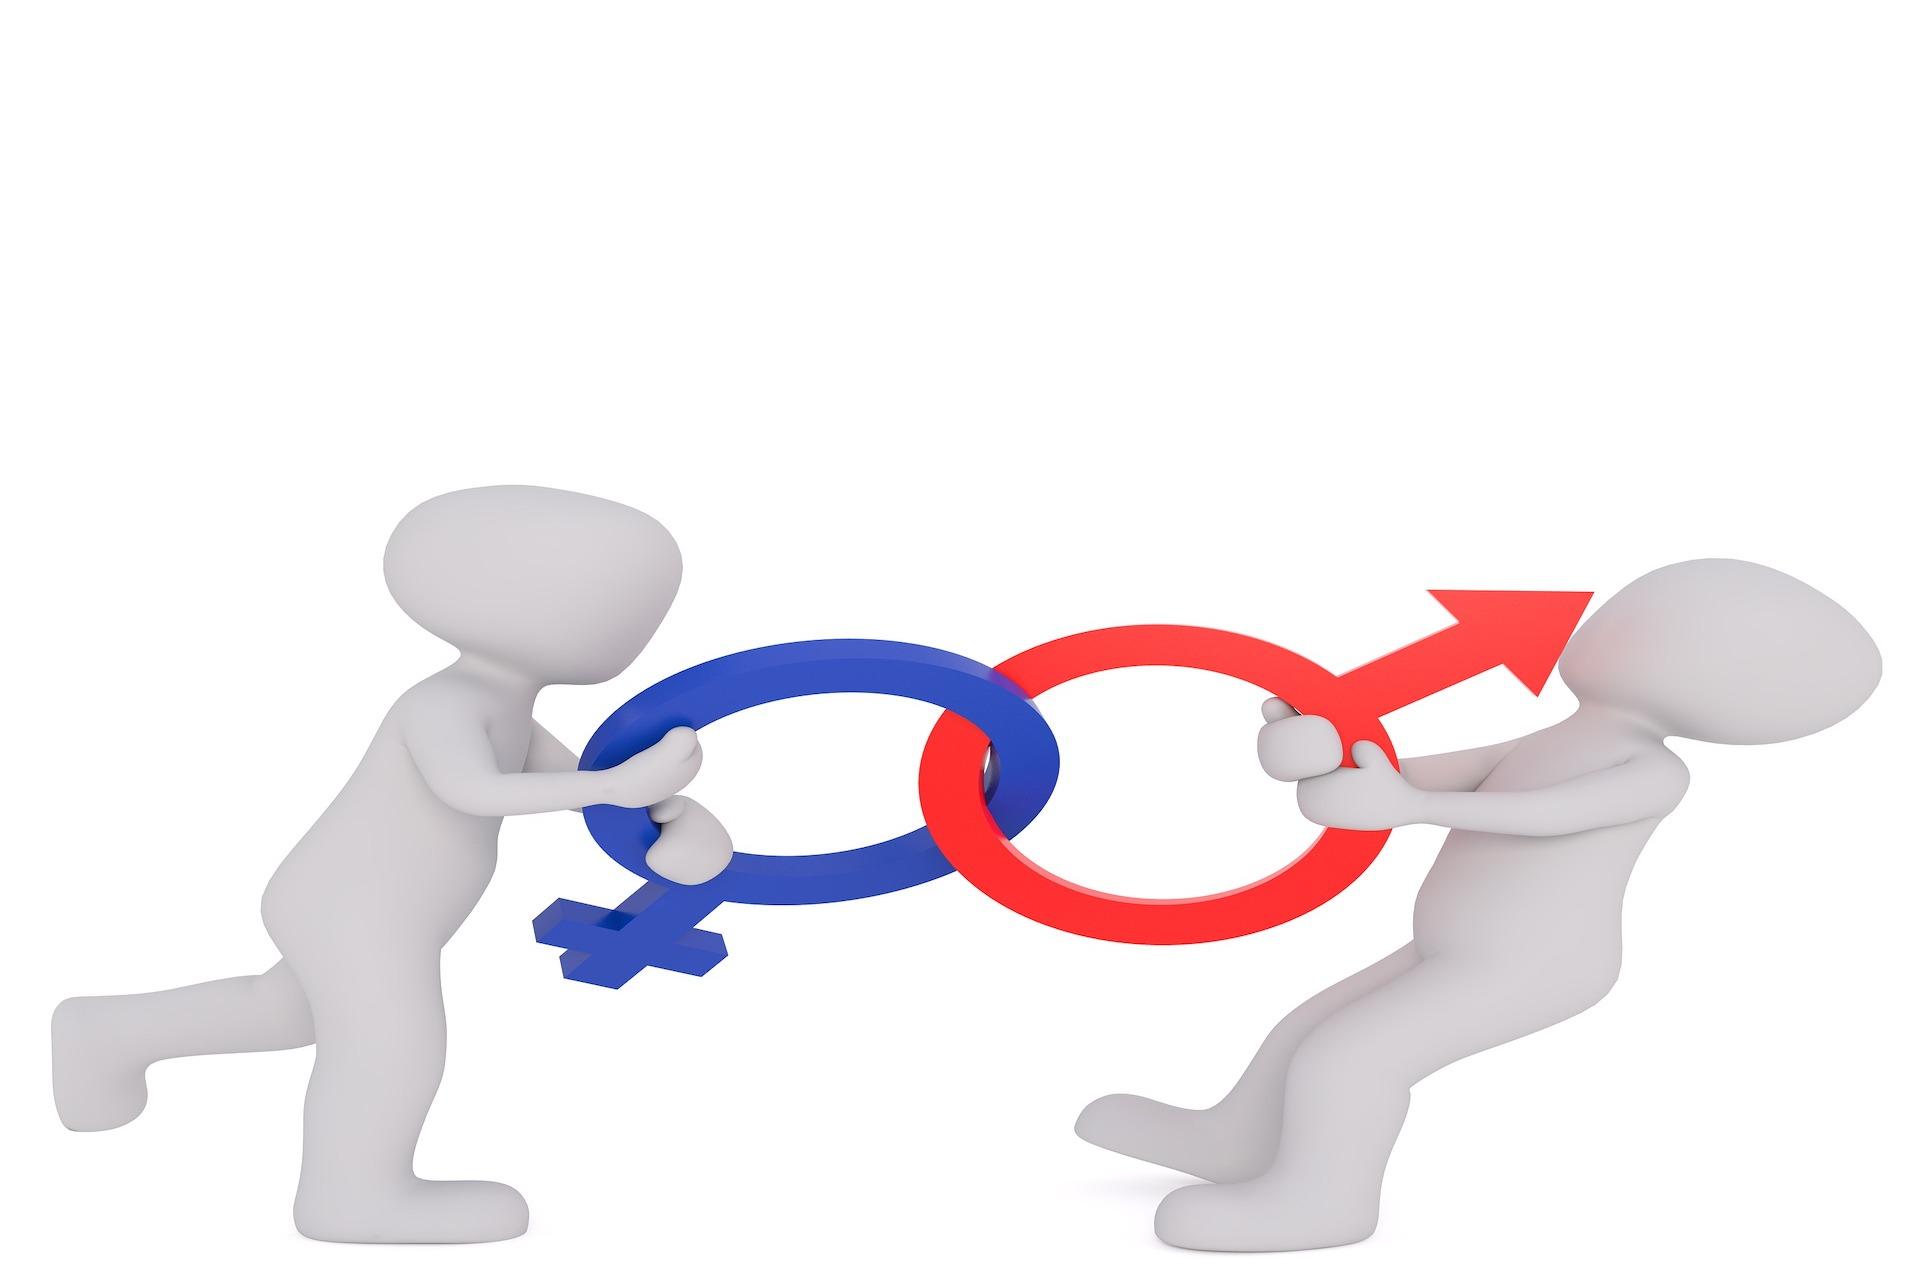 L'égalité homme-femme : vers de nouvelles mesures de progression ?